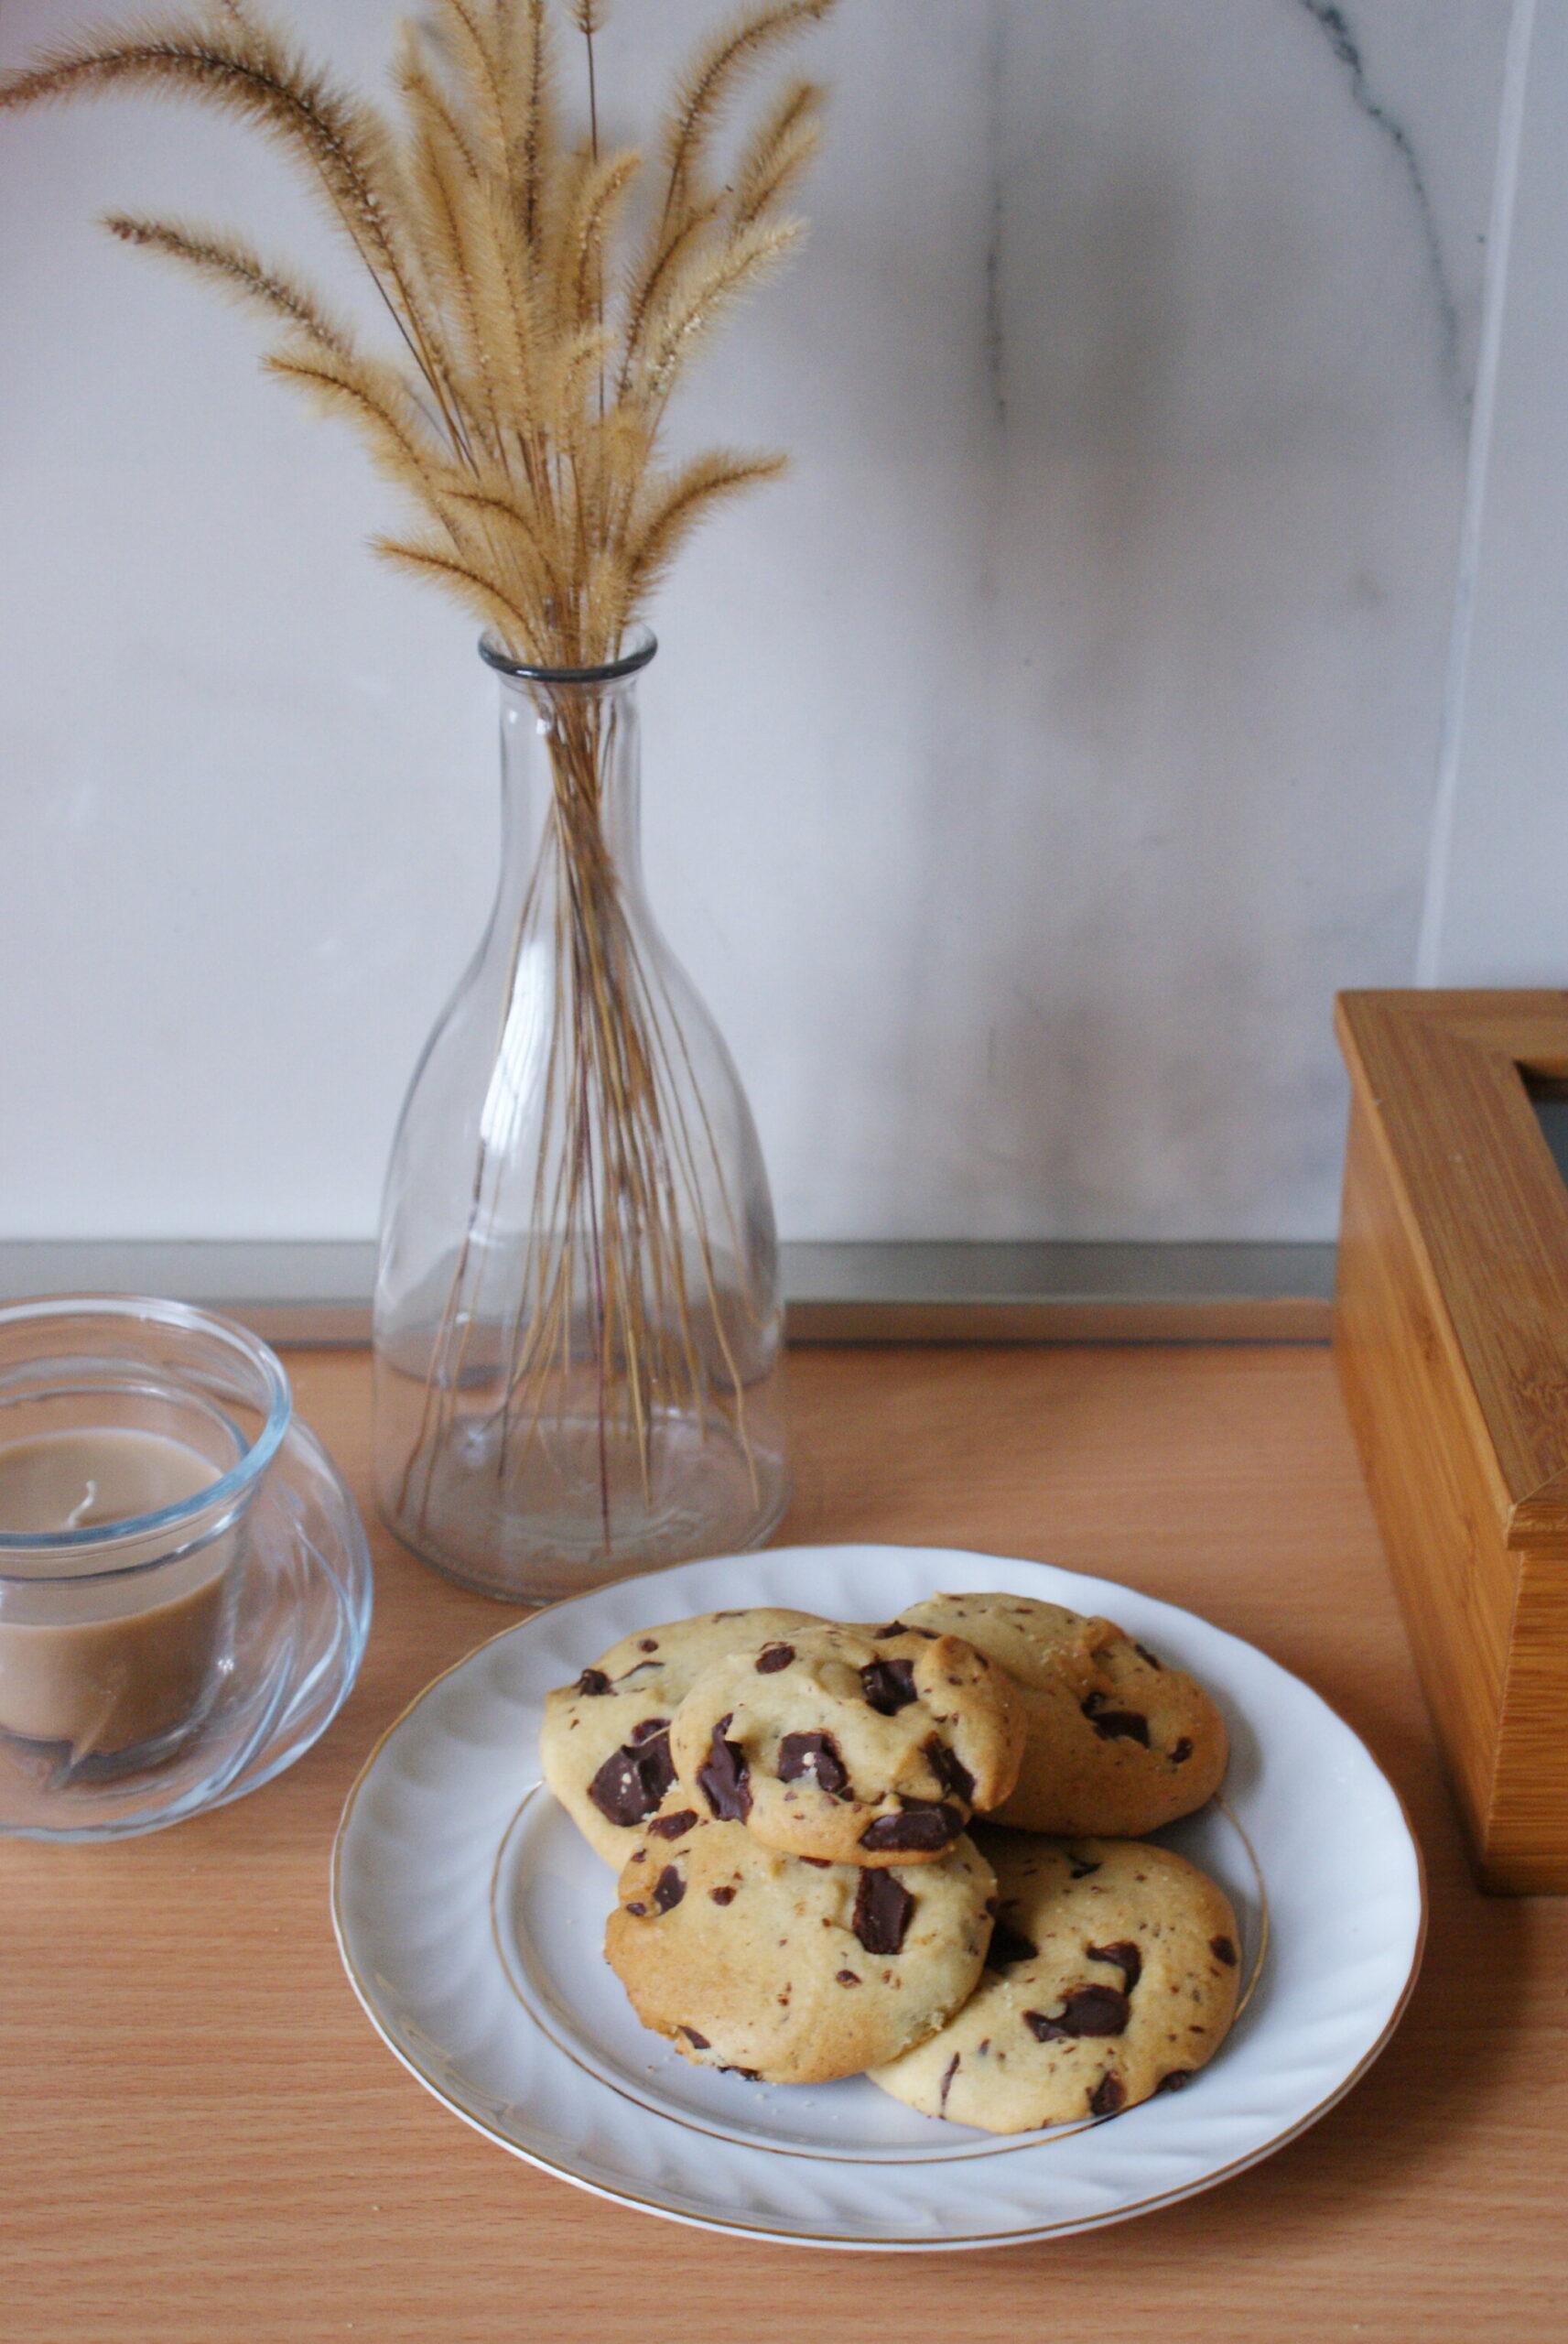 migliore ricetta cookies biscotti americani gocce pezzi cioccolato senza uova burro vegan vegetali sani veloce come fare casa